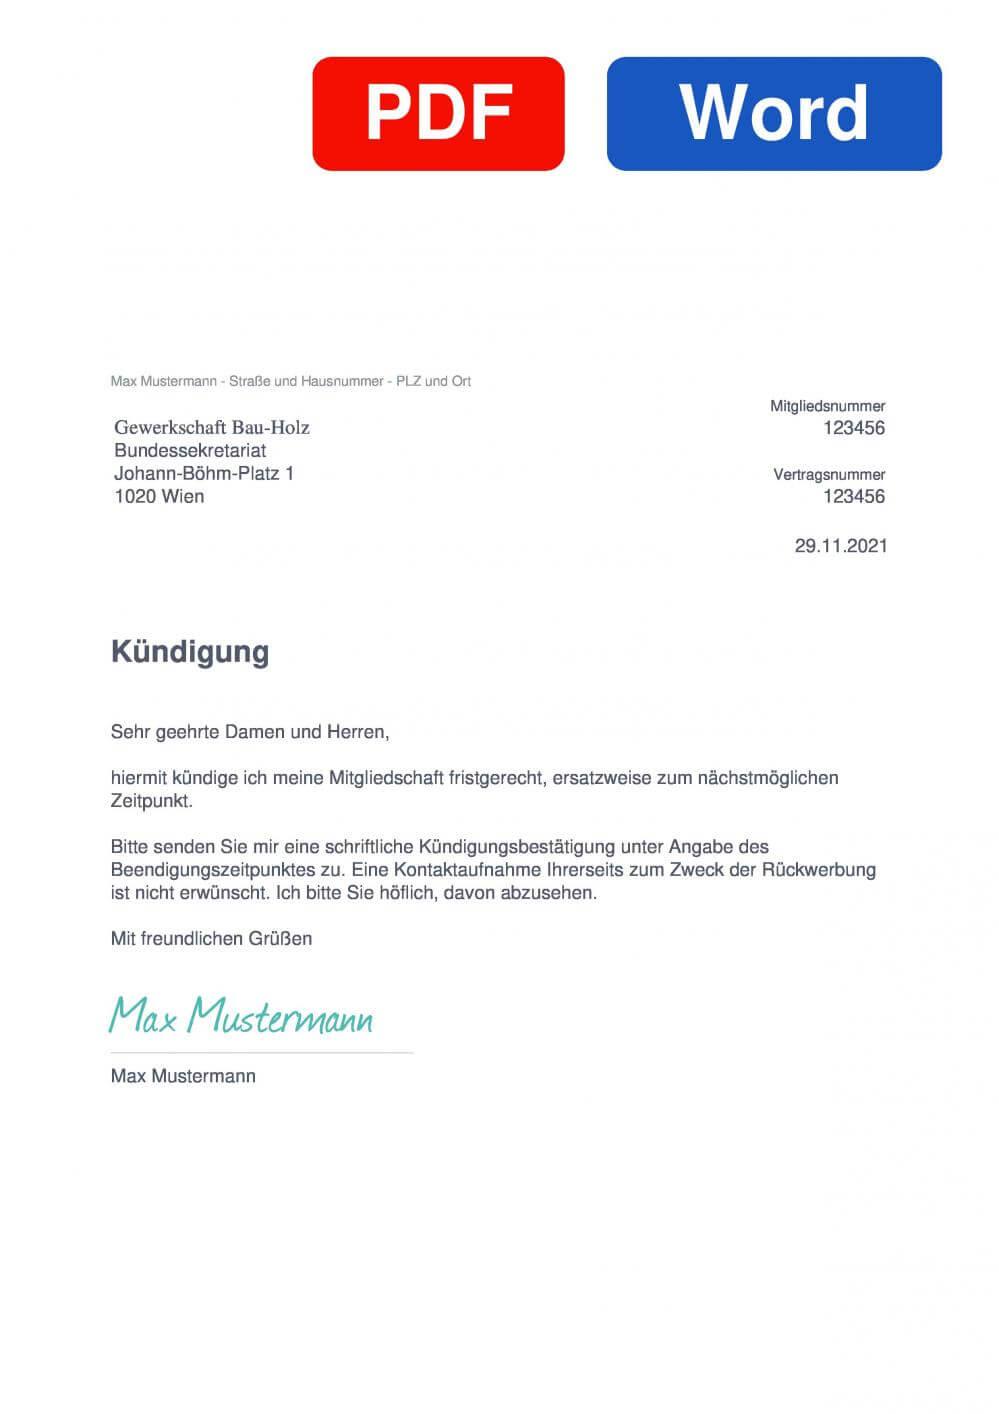 Gewerkschaft Bau-Holz Muster Vorlage für Kündigungsschreiben